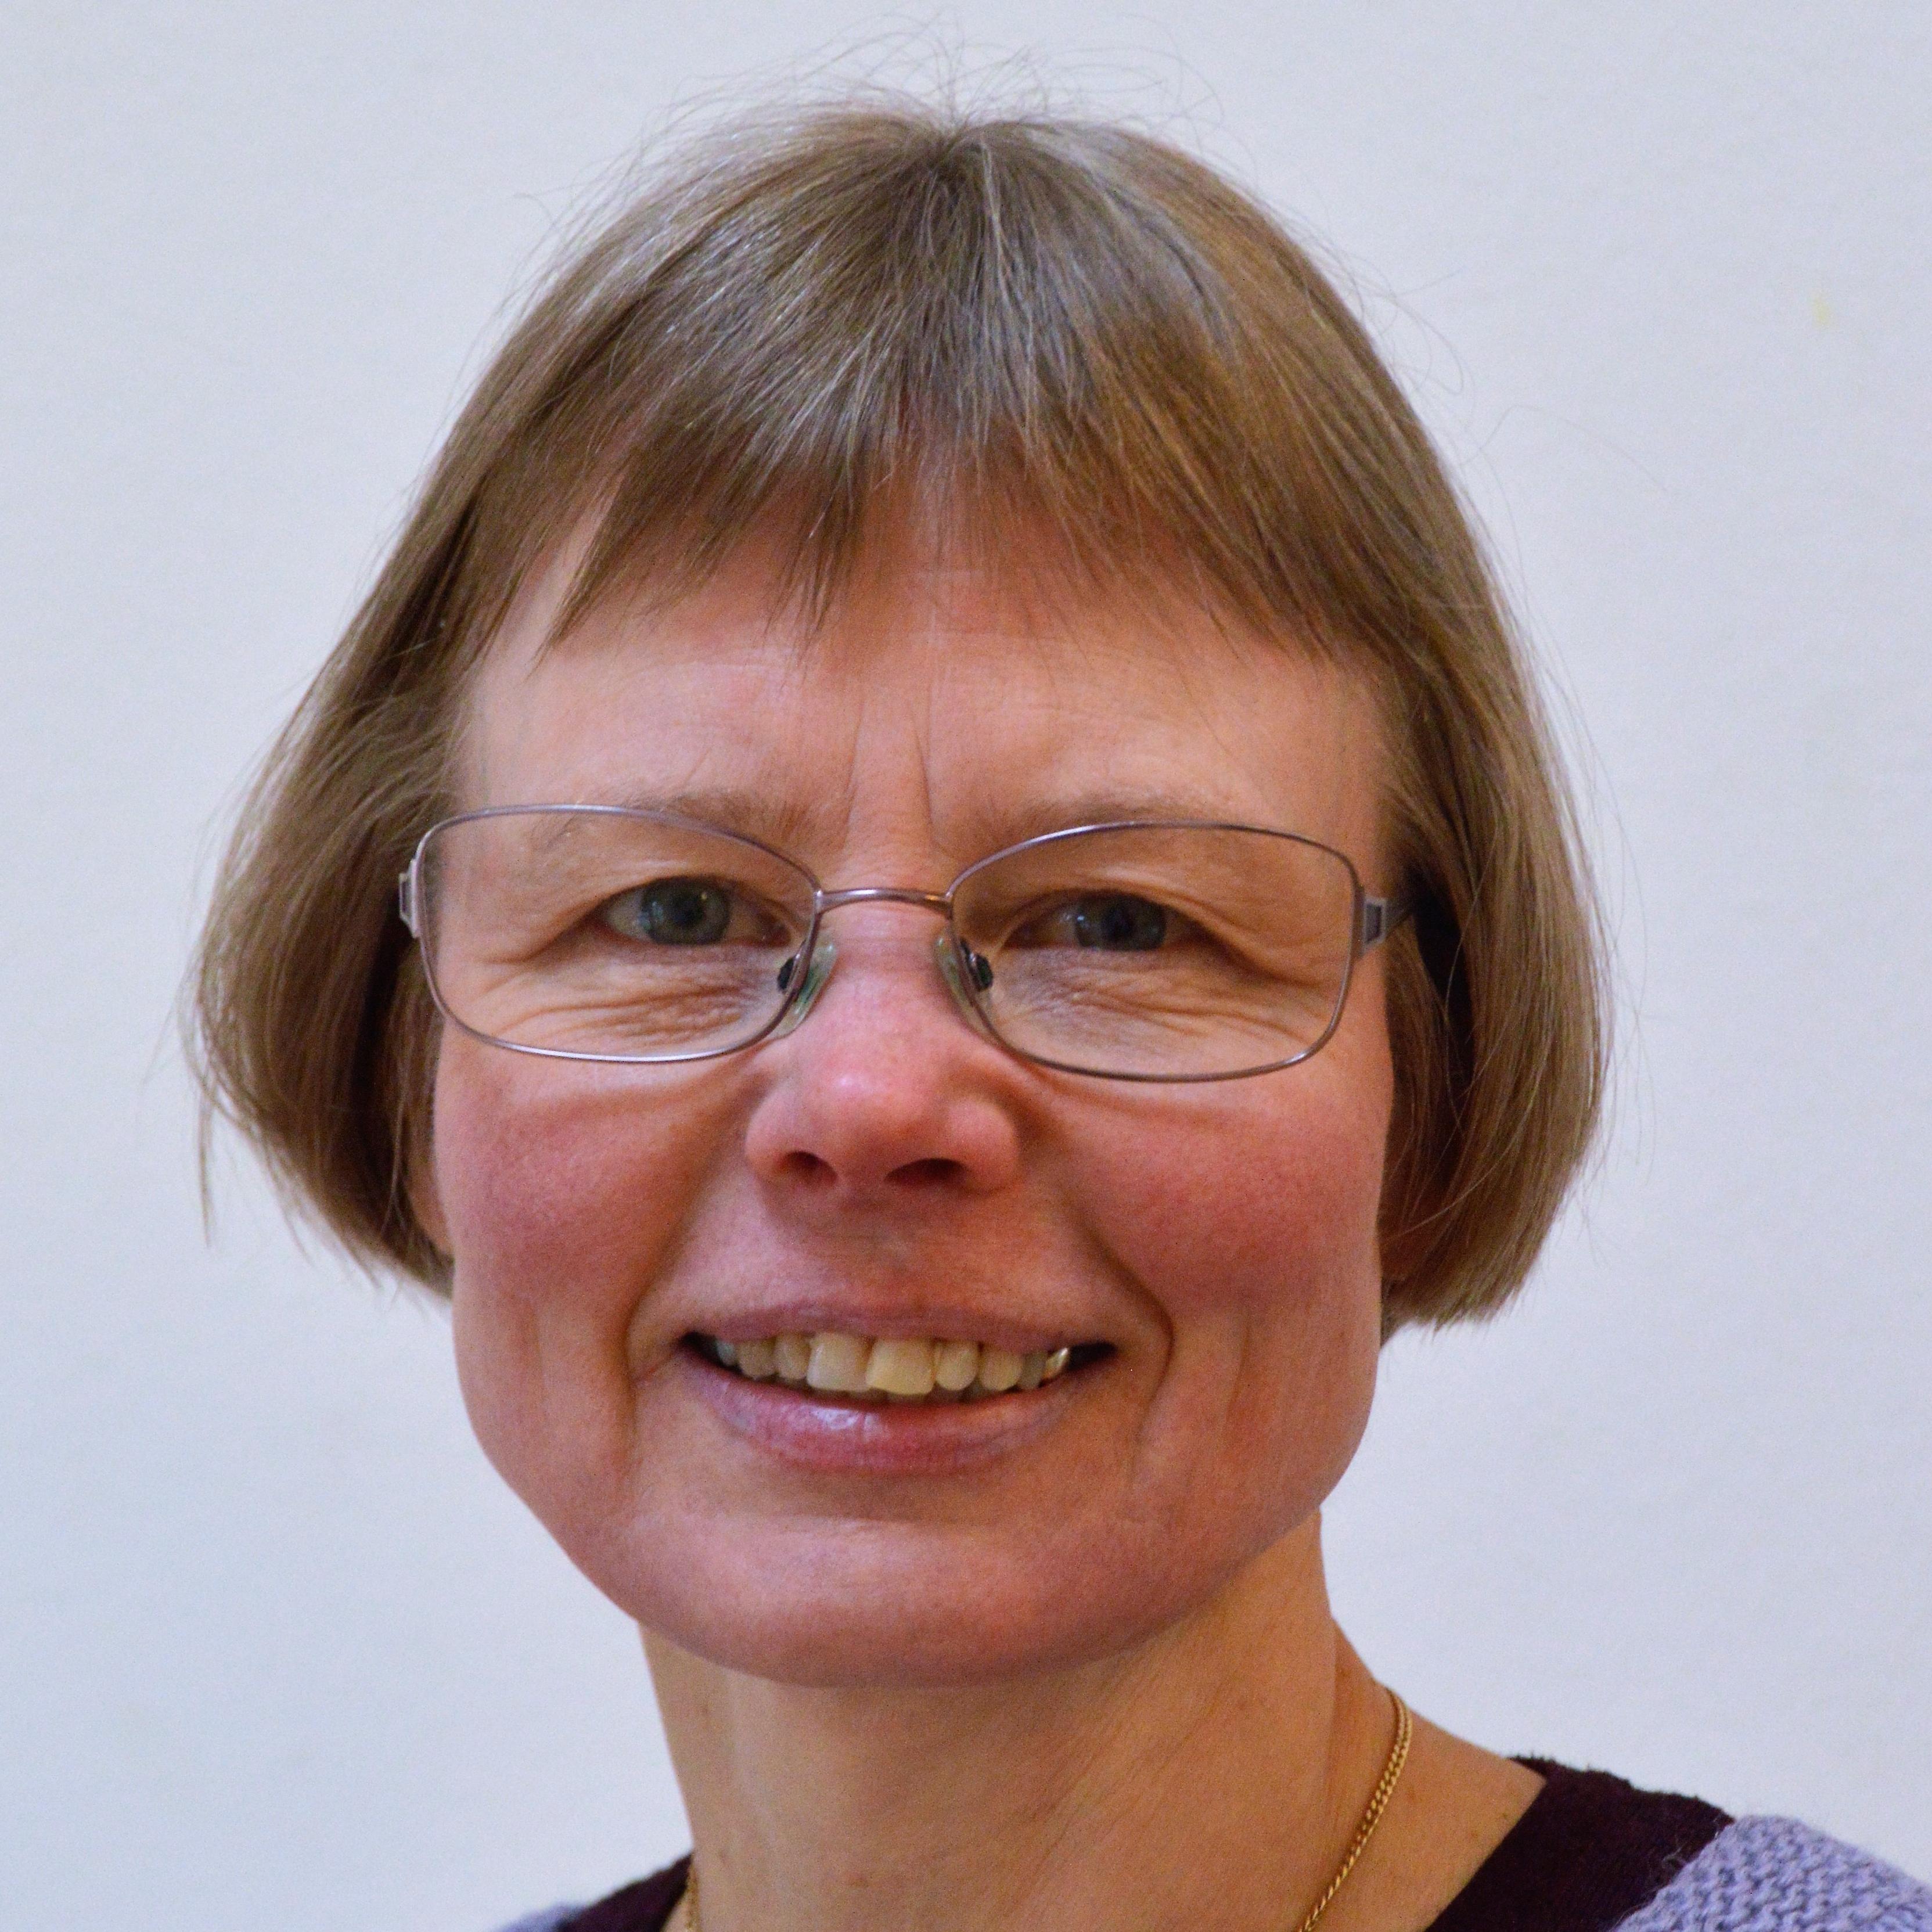 Lykke Marianne Larsen